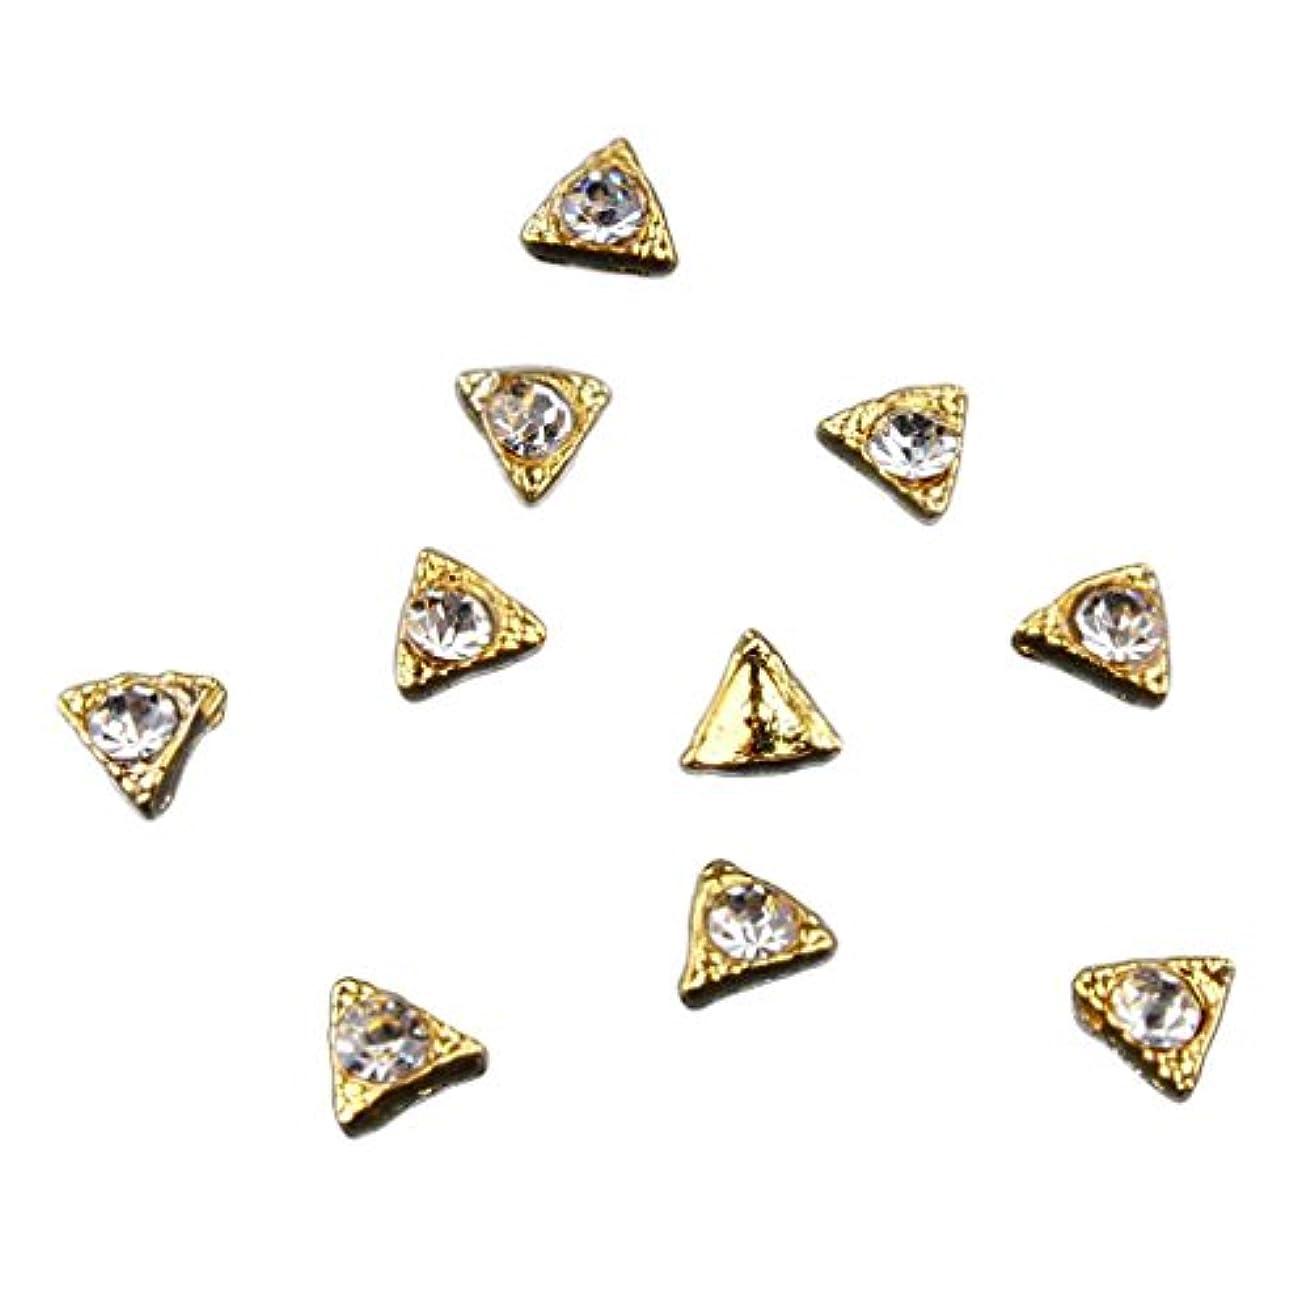 測定可能平衡負ネイル ネイルデザイン ダイヤモンド 約50個 3Dネイルアート ヒントステッカー デコレーション おしゃれ 全8タイプ選べ - 7